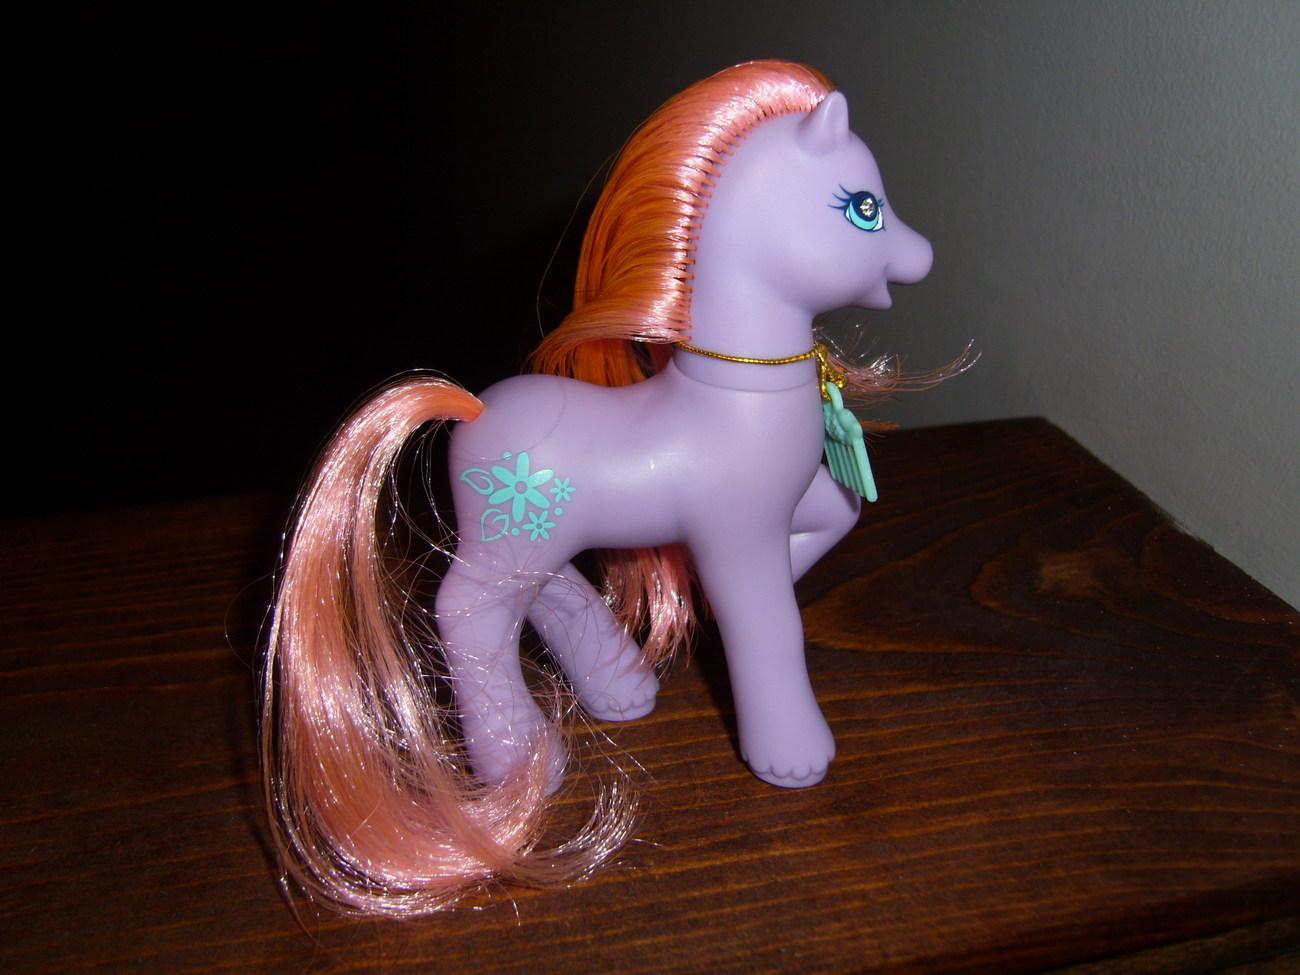 My Little Pony G2 Secret Surprise Petal Blossom with comb